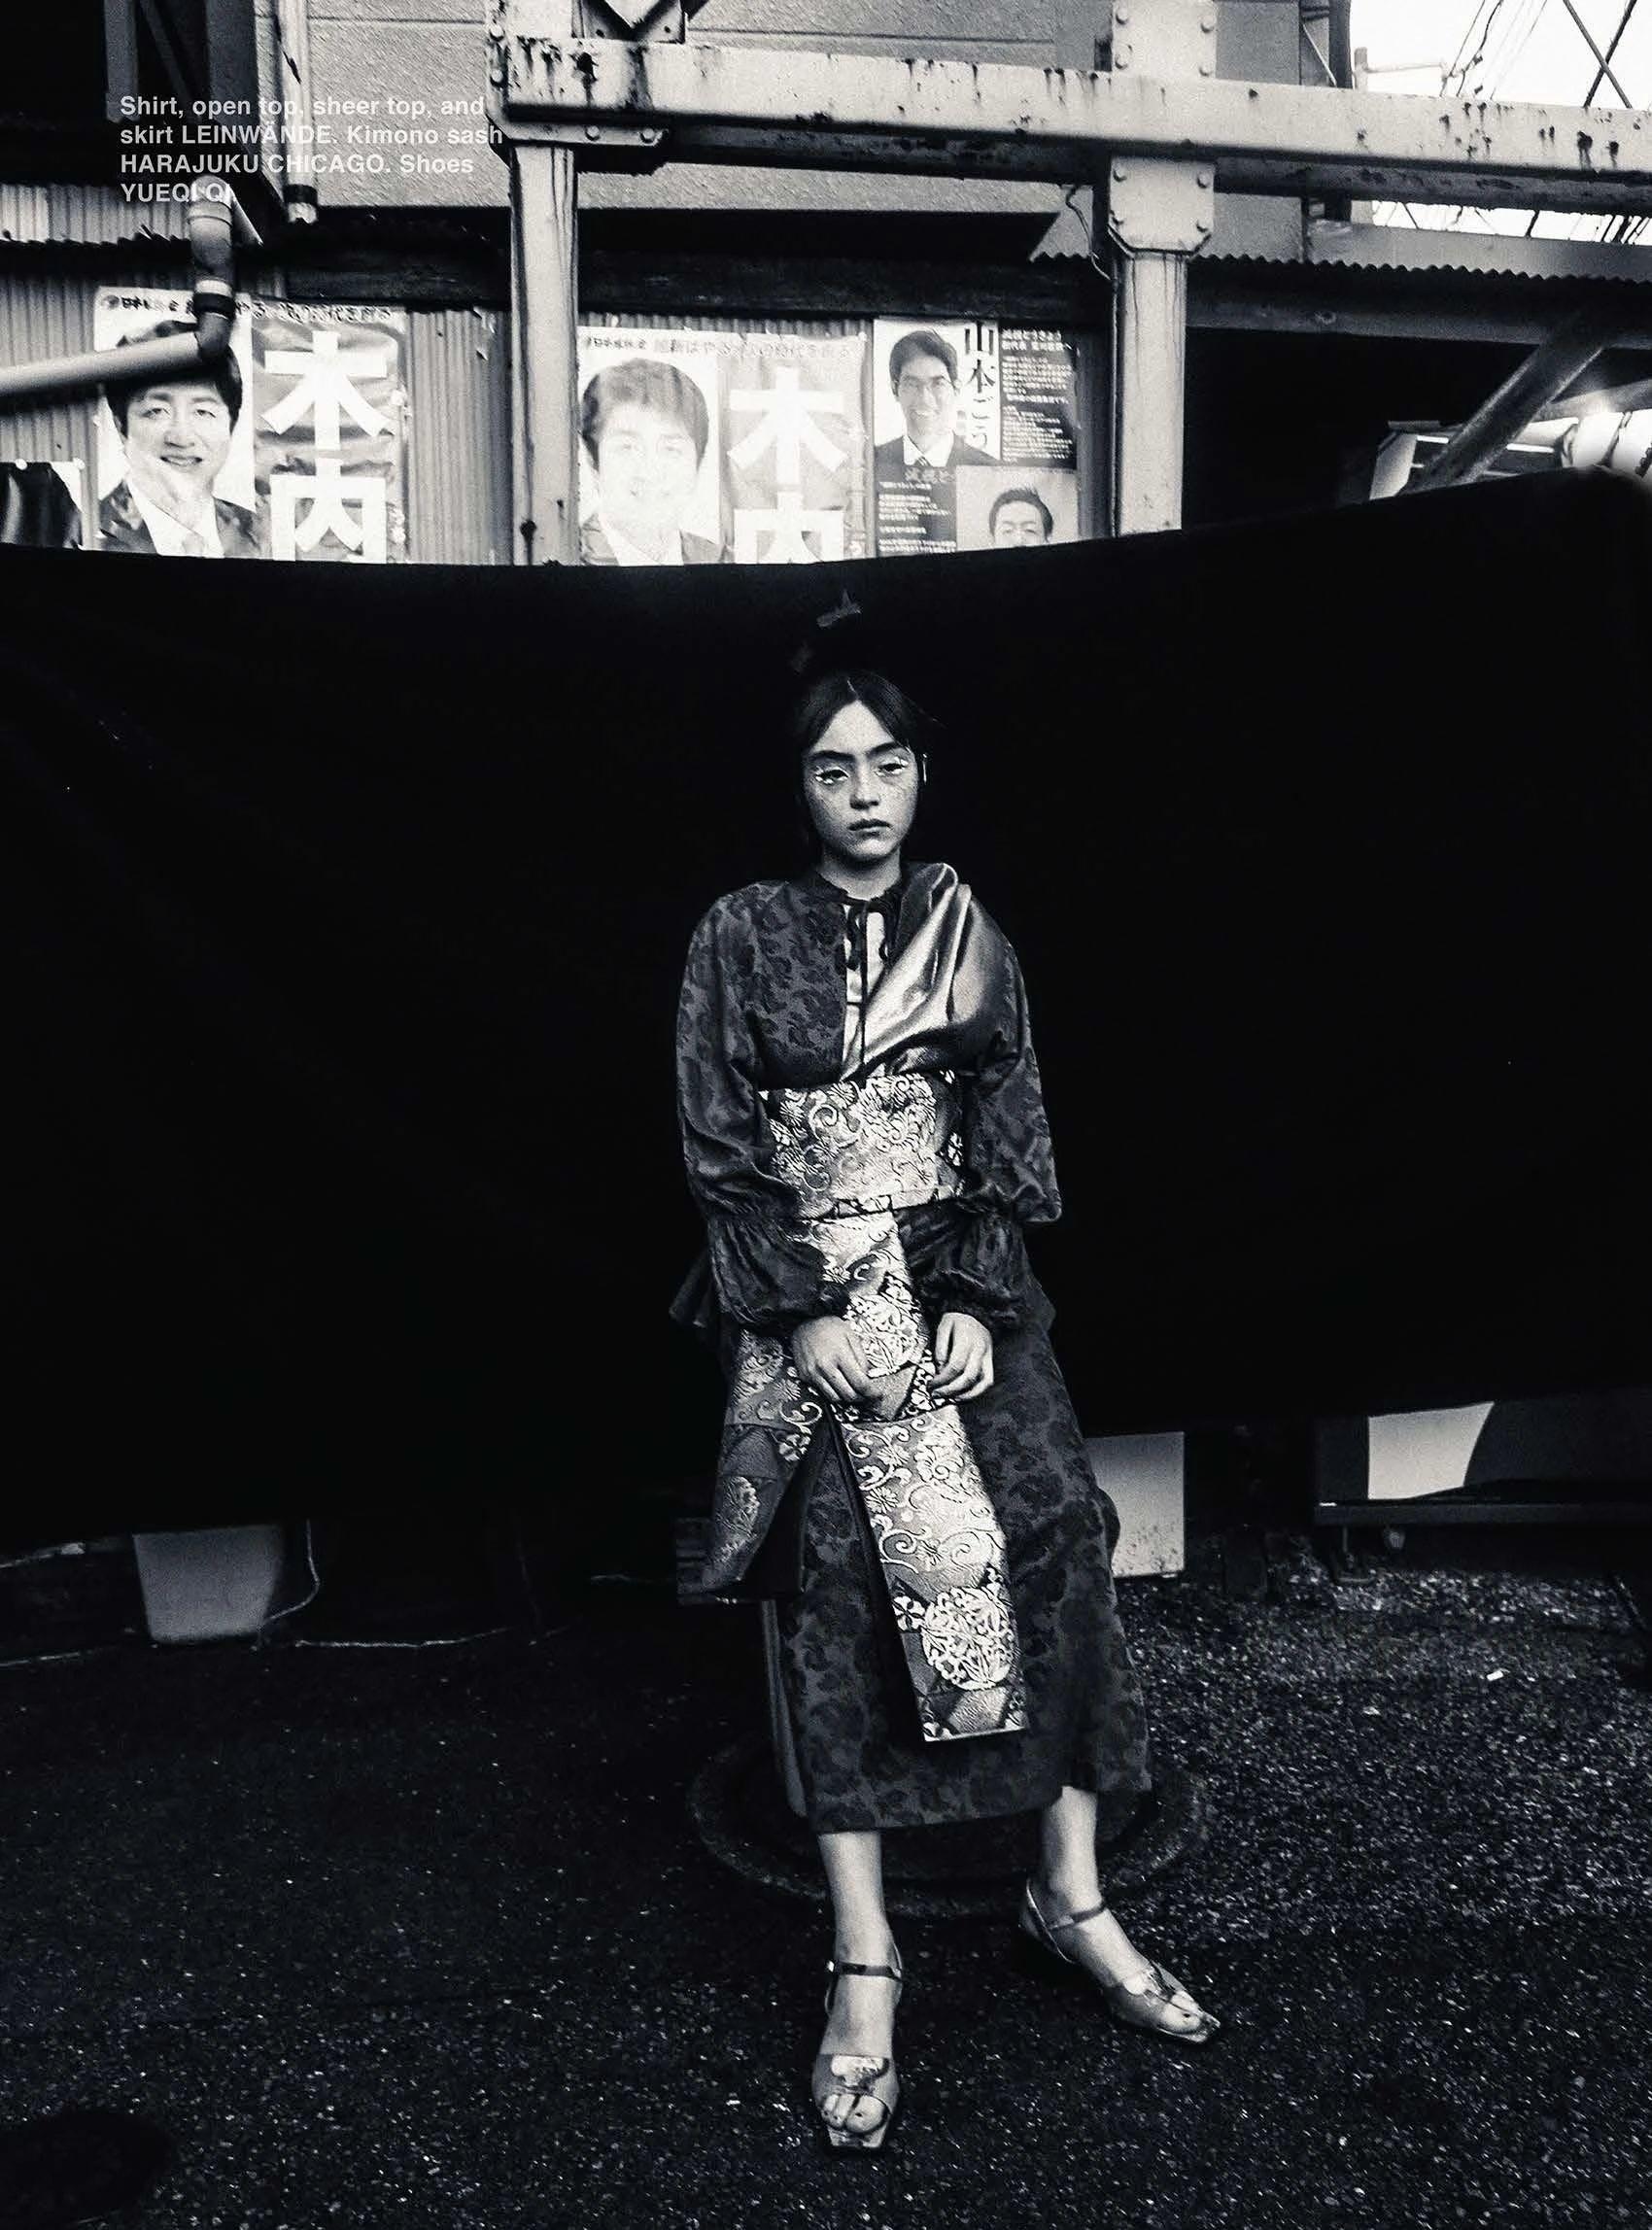 满脸雀斑却依旧很美的混血模特世理奈写真作品 (5)